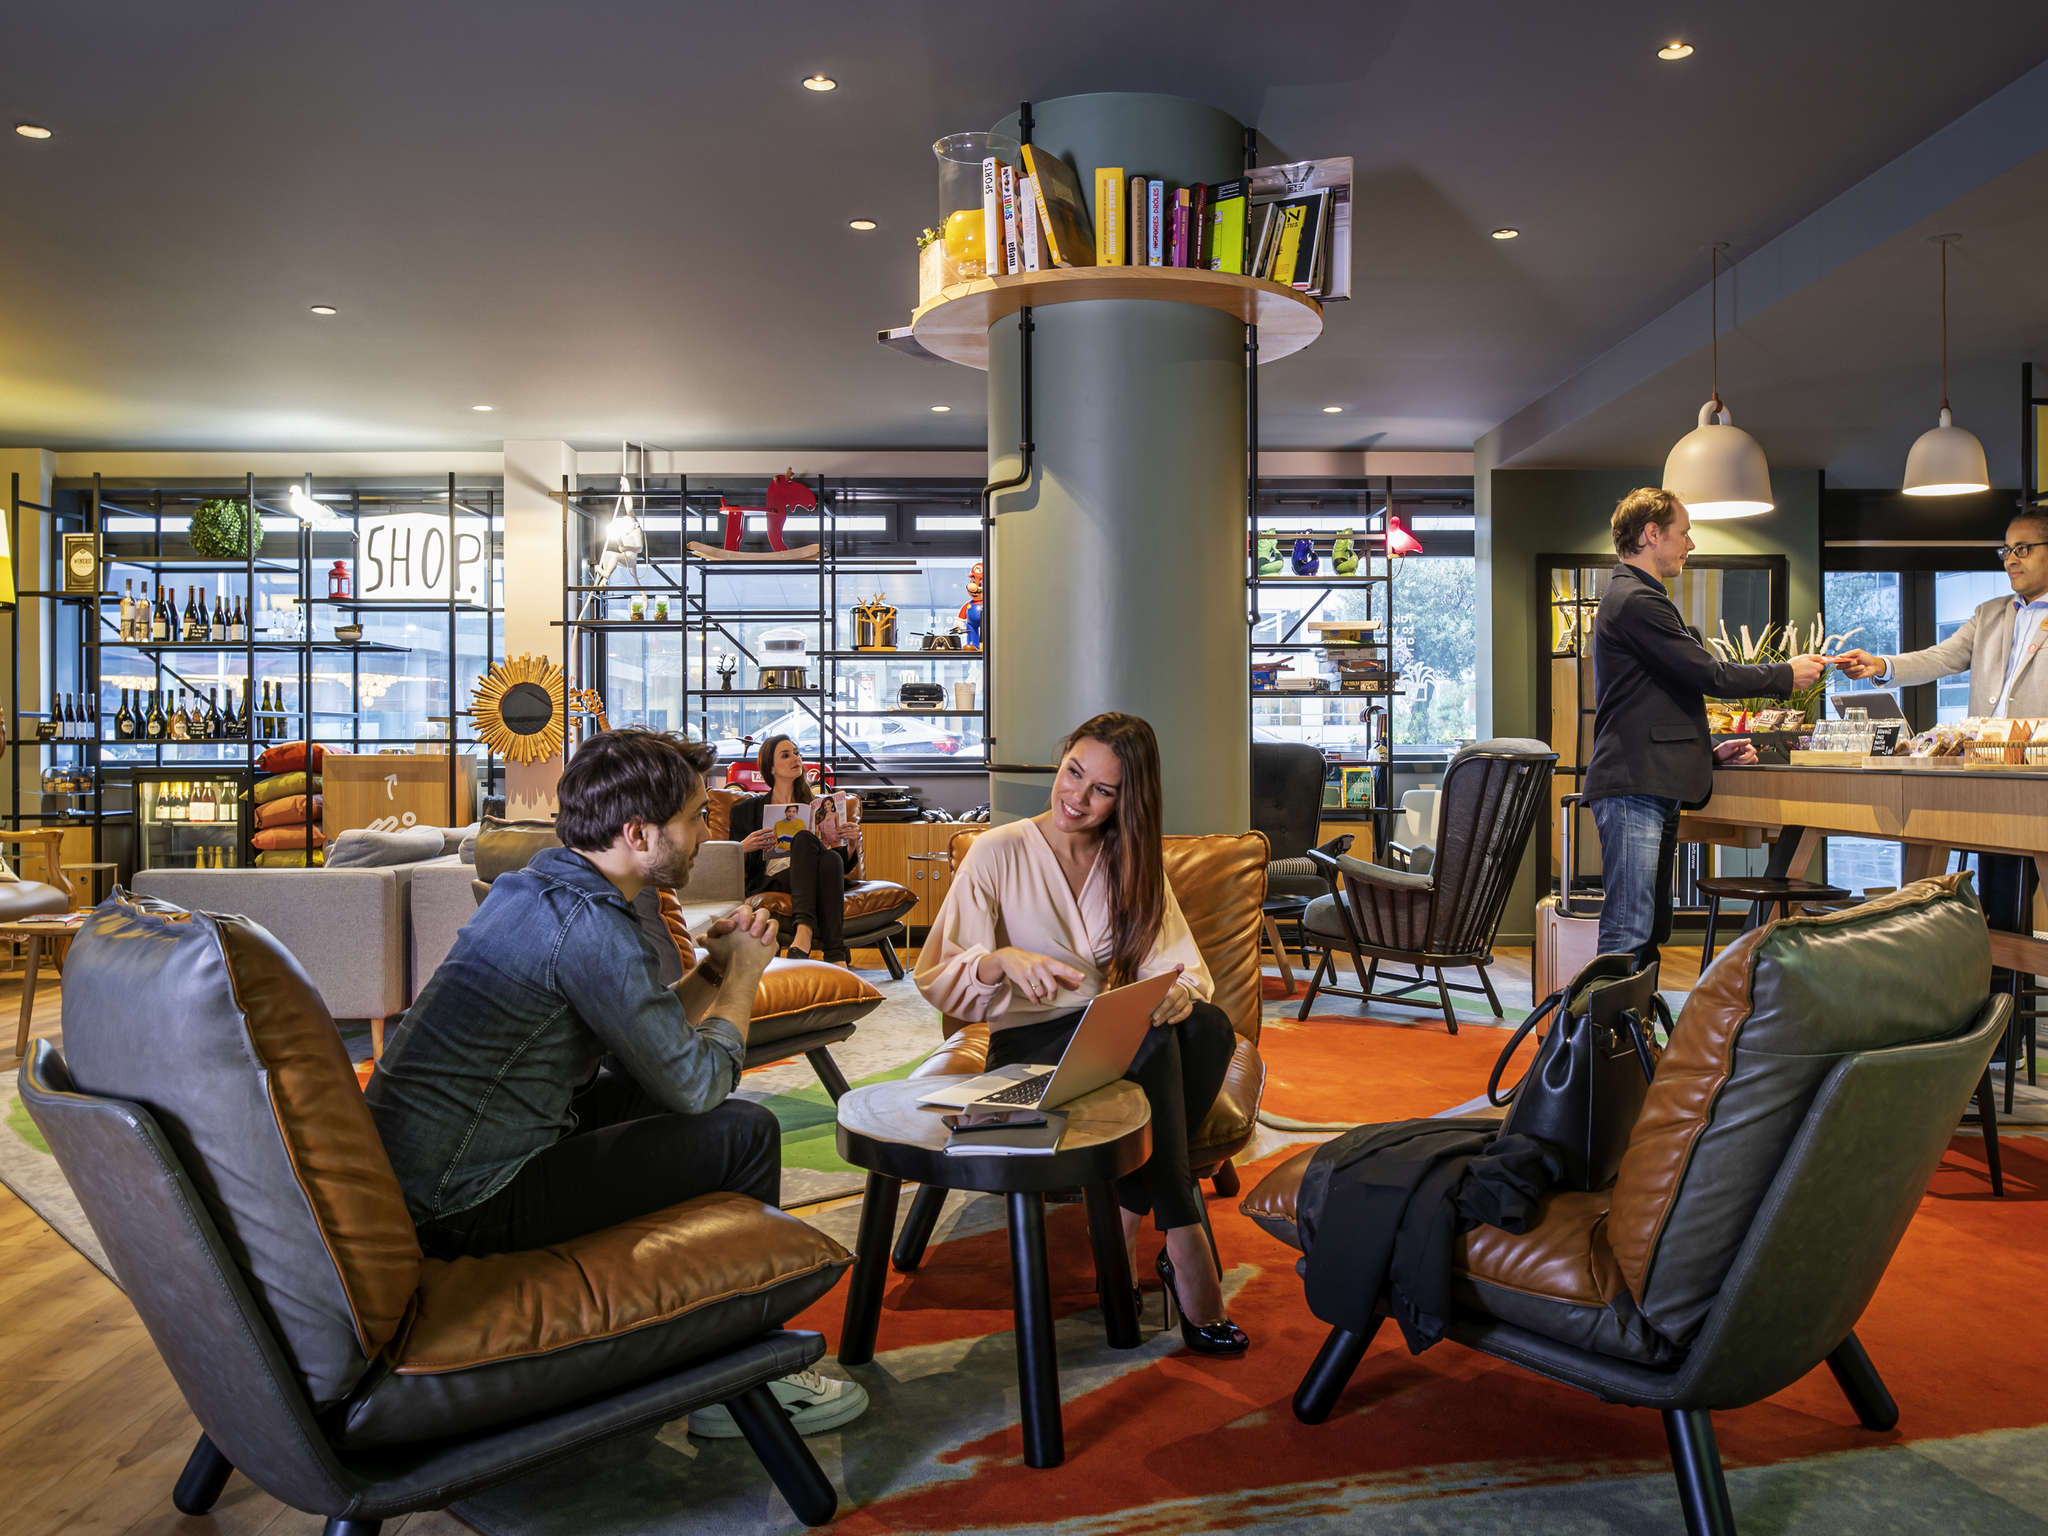 โรงแรม – อพาร์ทโฮเทล อดาจิโอ ปารีส แบร์ซี วิลเลจ